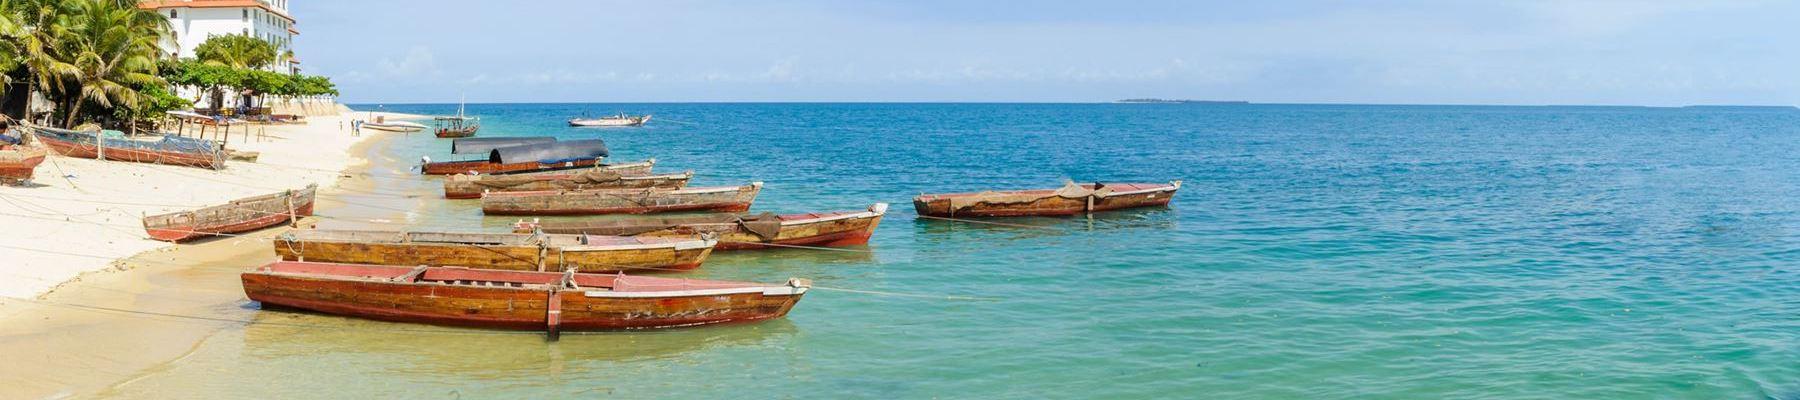 Swahili Coastline